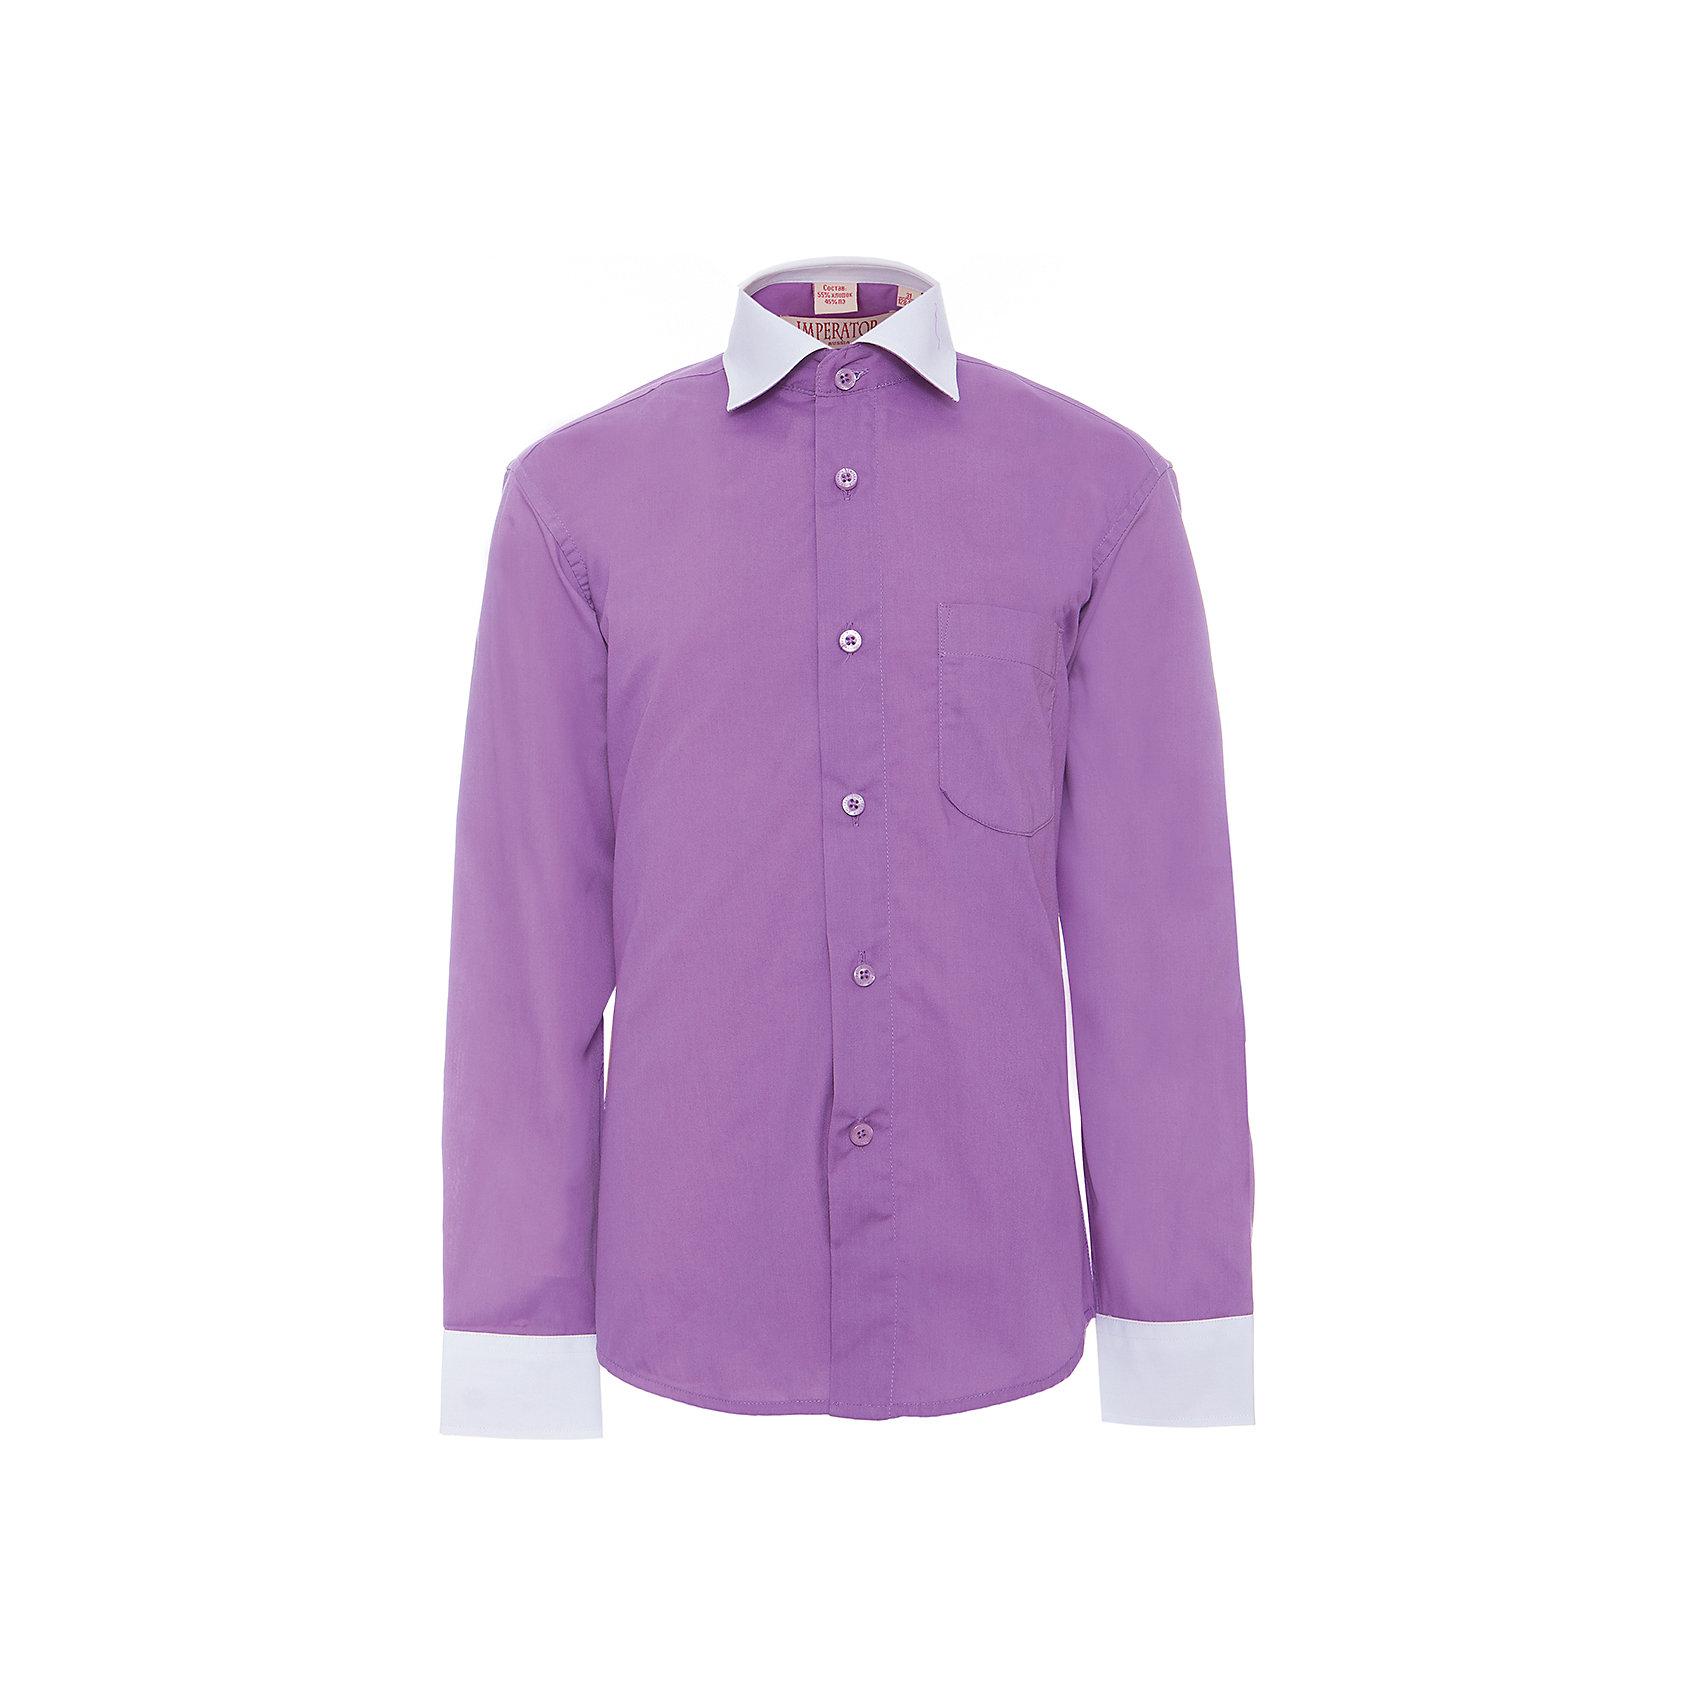 Рубашка для мальчика ImperatorБлузки и рубашки<br>Характеристики товара:<br><br>• цвет: фиолетовый<br>• состав ткани: 55% хлопок, 45% полиэстер<br>• особенности: школьная, праздничная<br>• застежка: пуговицы<br>• рукава: длинные<br>• сезон: круглый год<br>• страна бренда: Российская Федерация<br>• страна изготовитель: Китай<br><br>Классическая сорочка для мальчика - отличный вариант комфортной и стильной школьной одежды.<br><br>Накладной карман, свободный покрой, дышащая ткань с преобладанием хлопка - красиво и удобно.<br><br>Рубашку для мальчика Imperator (Император) можно купить в нашем интернет-магазине.<br><br>Ширина мм: 174<br>Глубина мм: 10<br>Высота мм: 169<br>Вес г: 157<br>Цвет: лиловый<br>Возраст от месяцев: 156<br>Возраст до месяцев: 168<br>Пол: Мужской<br>Возраст: Детский<br>Размер: 158/164,140/146,164/170,152/158,146/152,134/140,128/134,122/128<br>SKU: 4295781